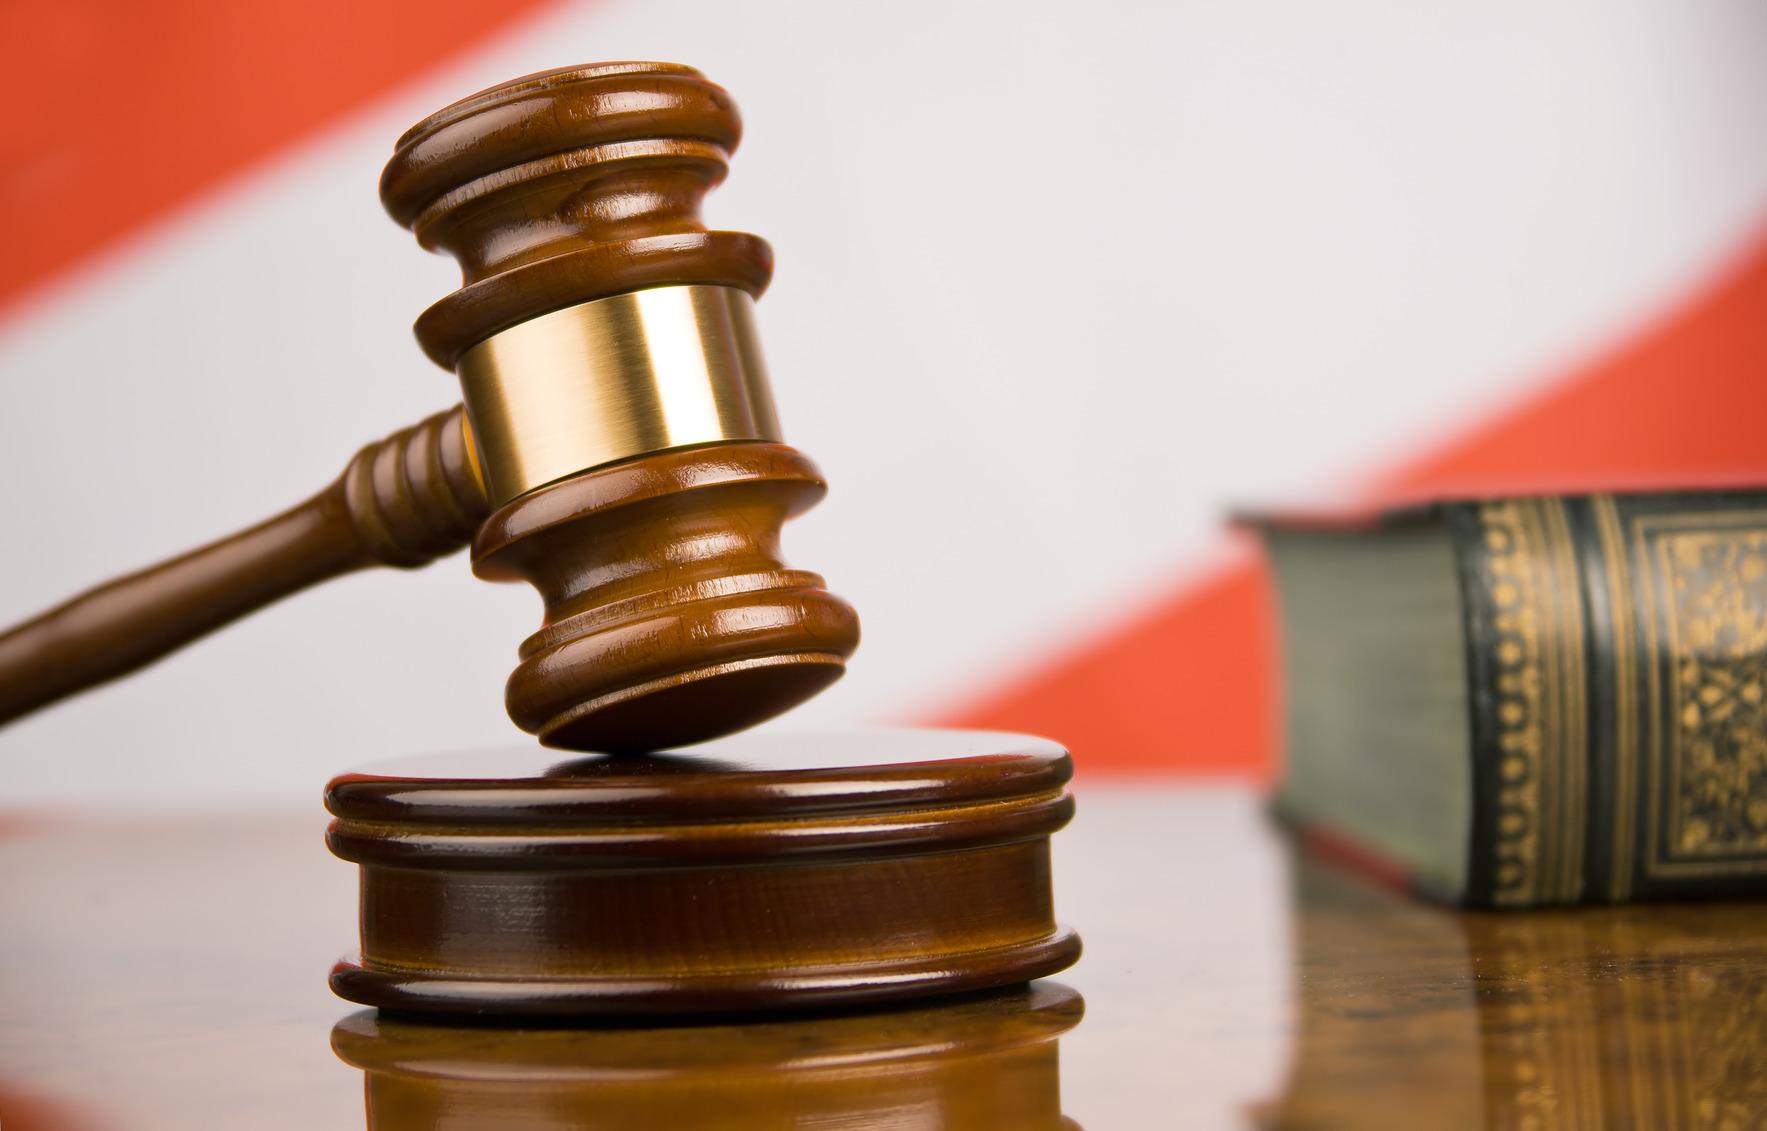 Окружной суд Вашингтона отказал Казахстану в приостановке взыскания активов по делу «Стати»